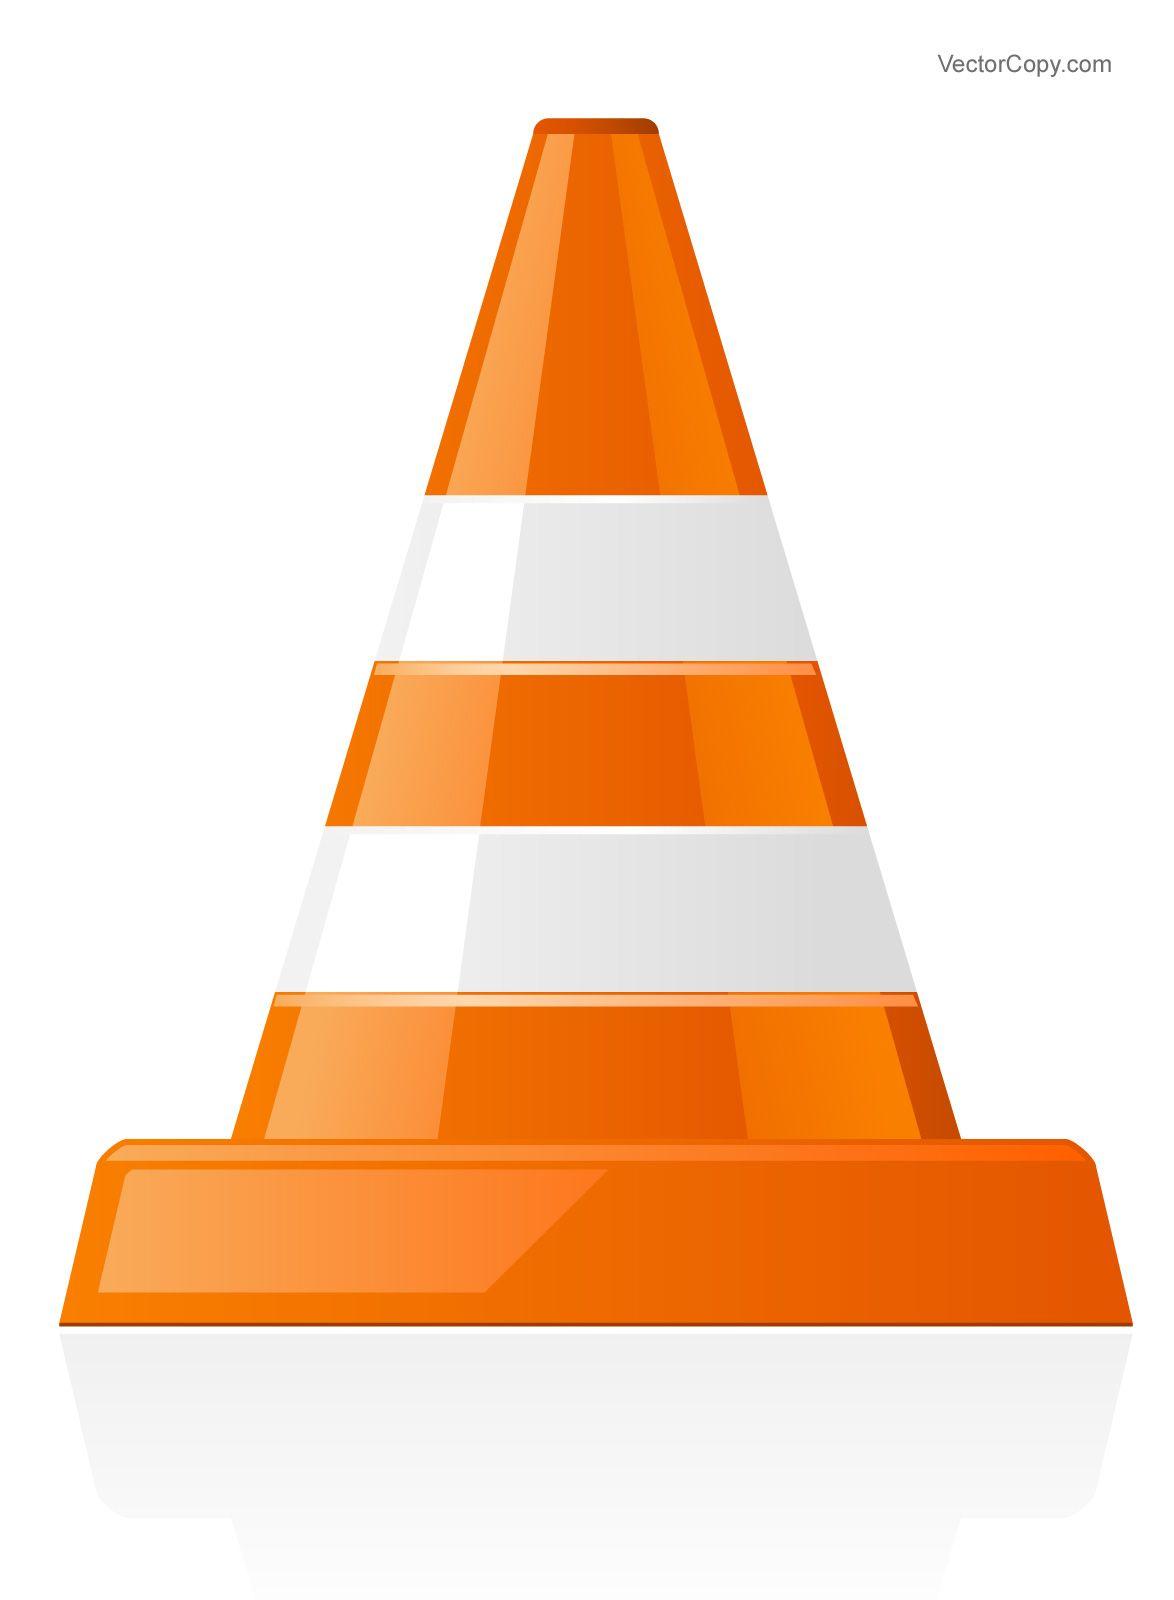 Traffic cone icon, free vector.